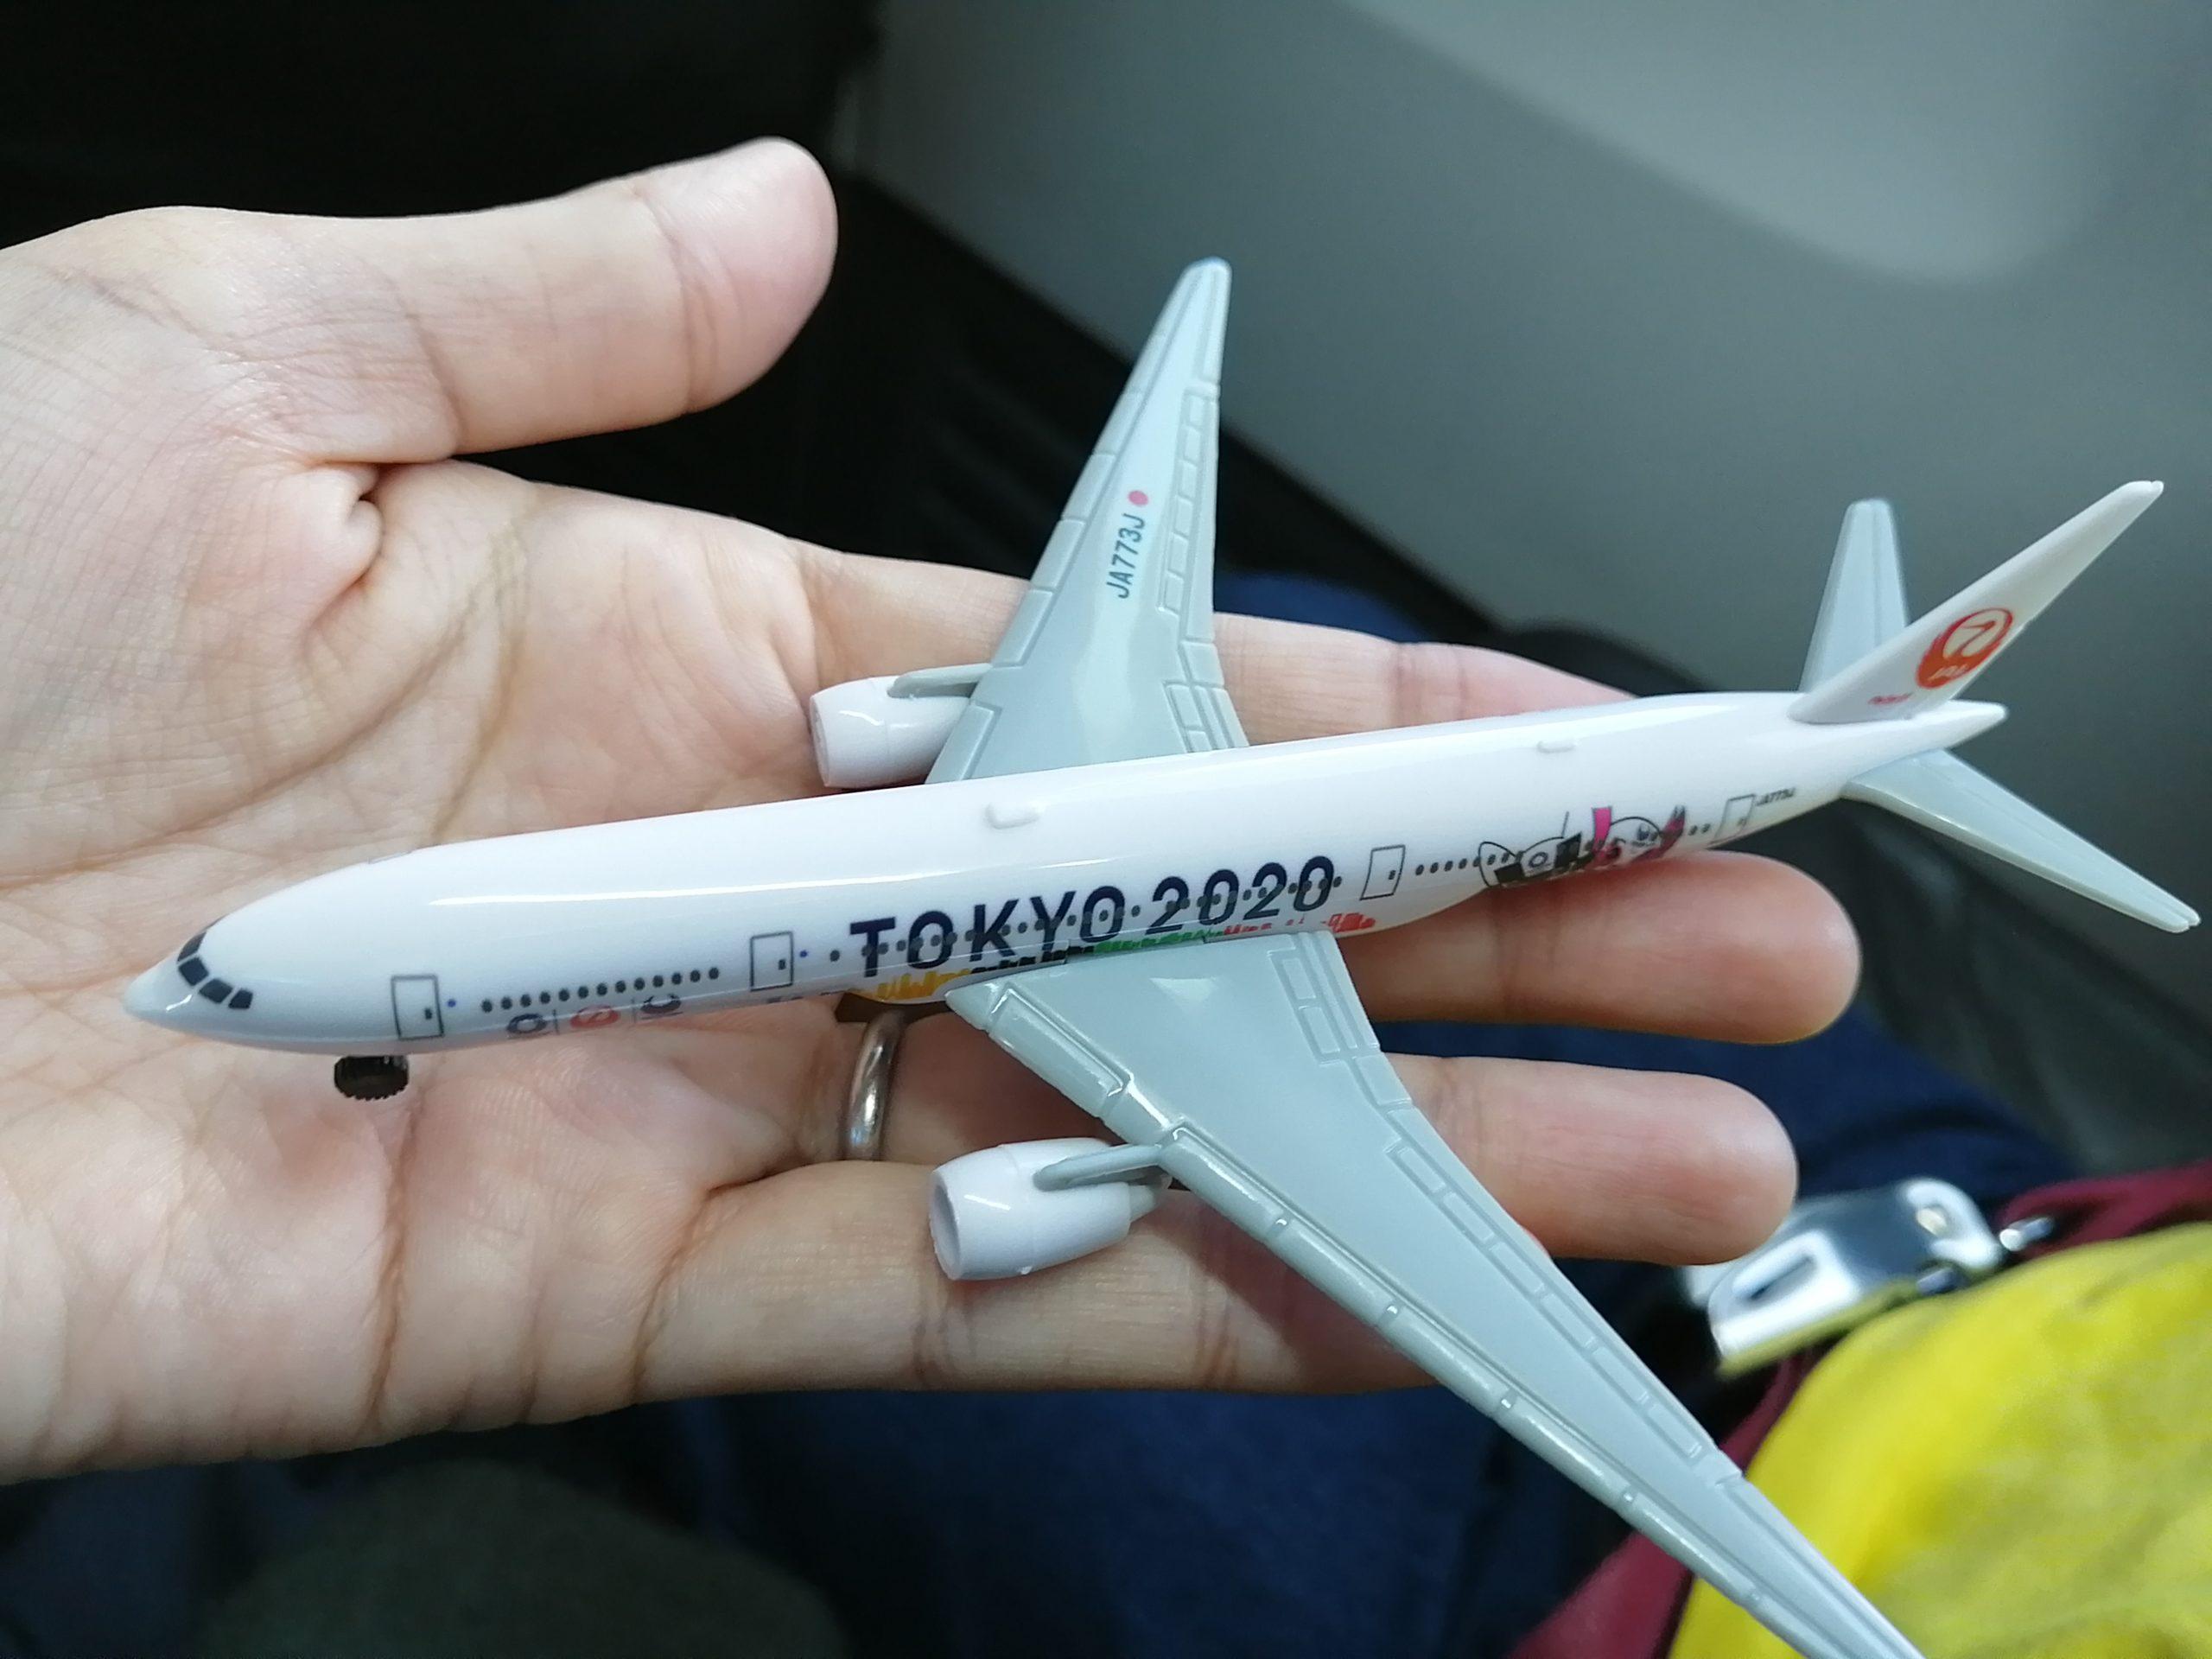 JALの飛行機のおもちゃ2020